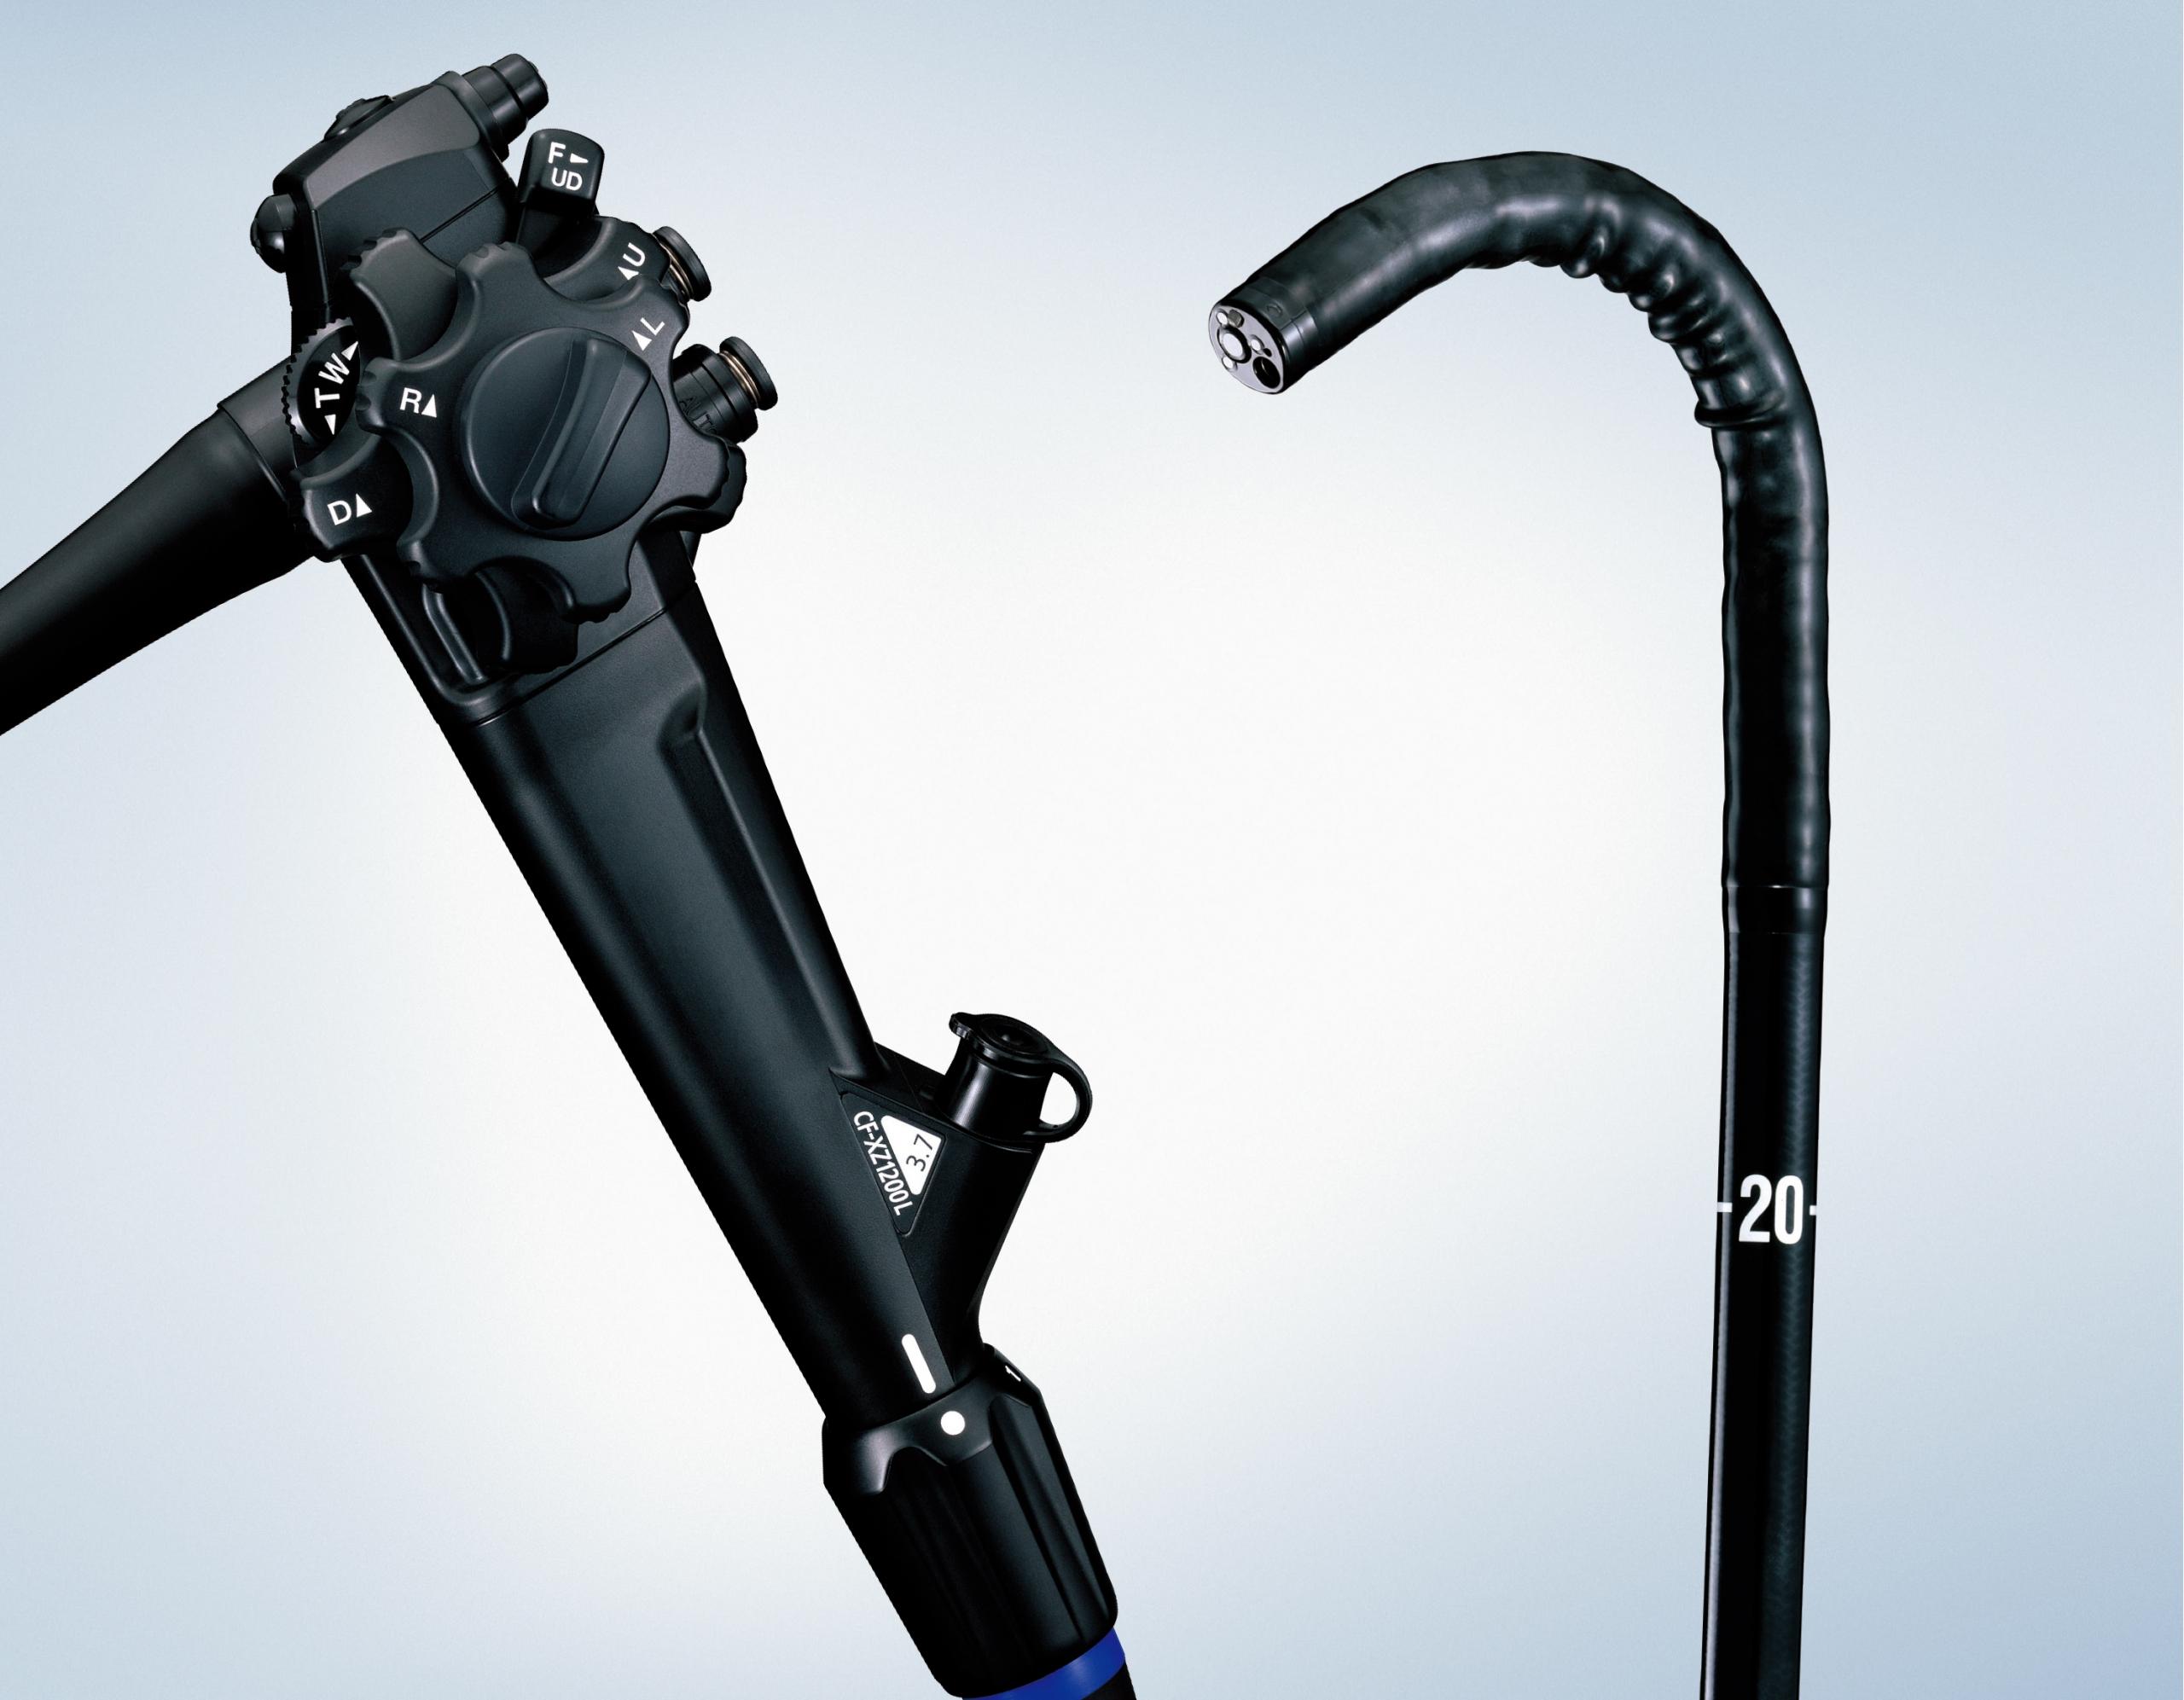 オリンパス/光学拡大機能付き大腸ビデオスコープ「CF-XZ1200 L/I」を発売